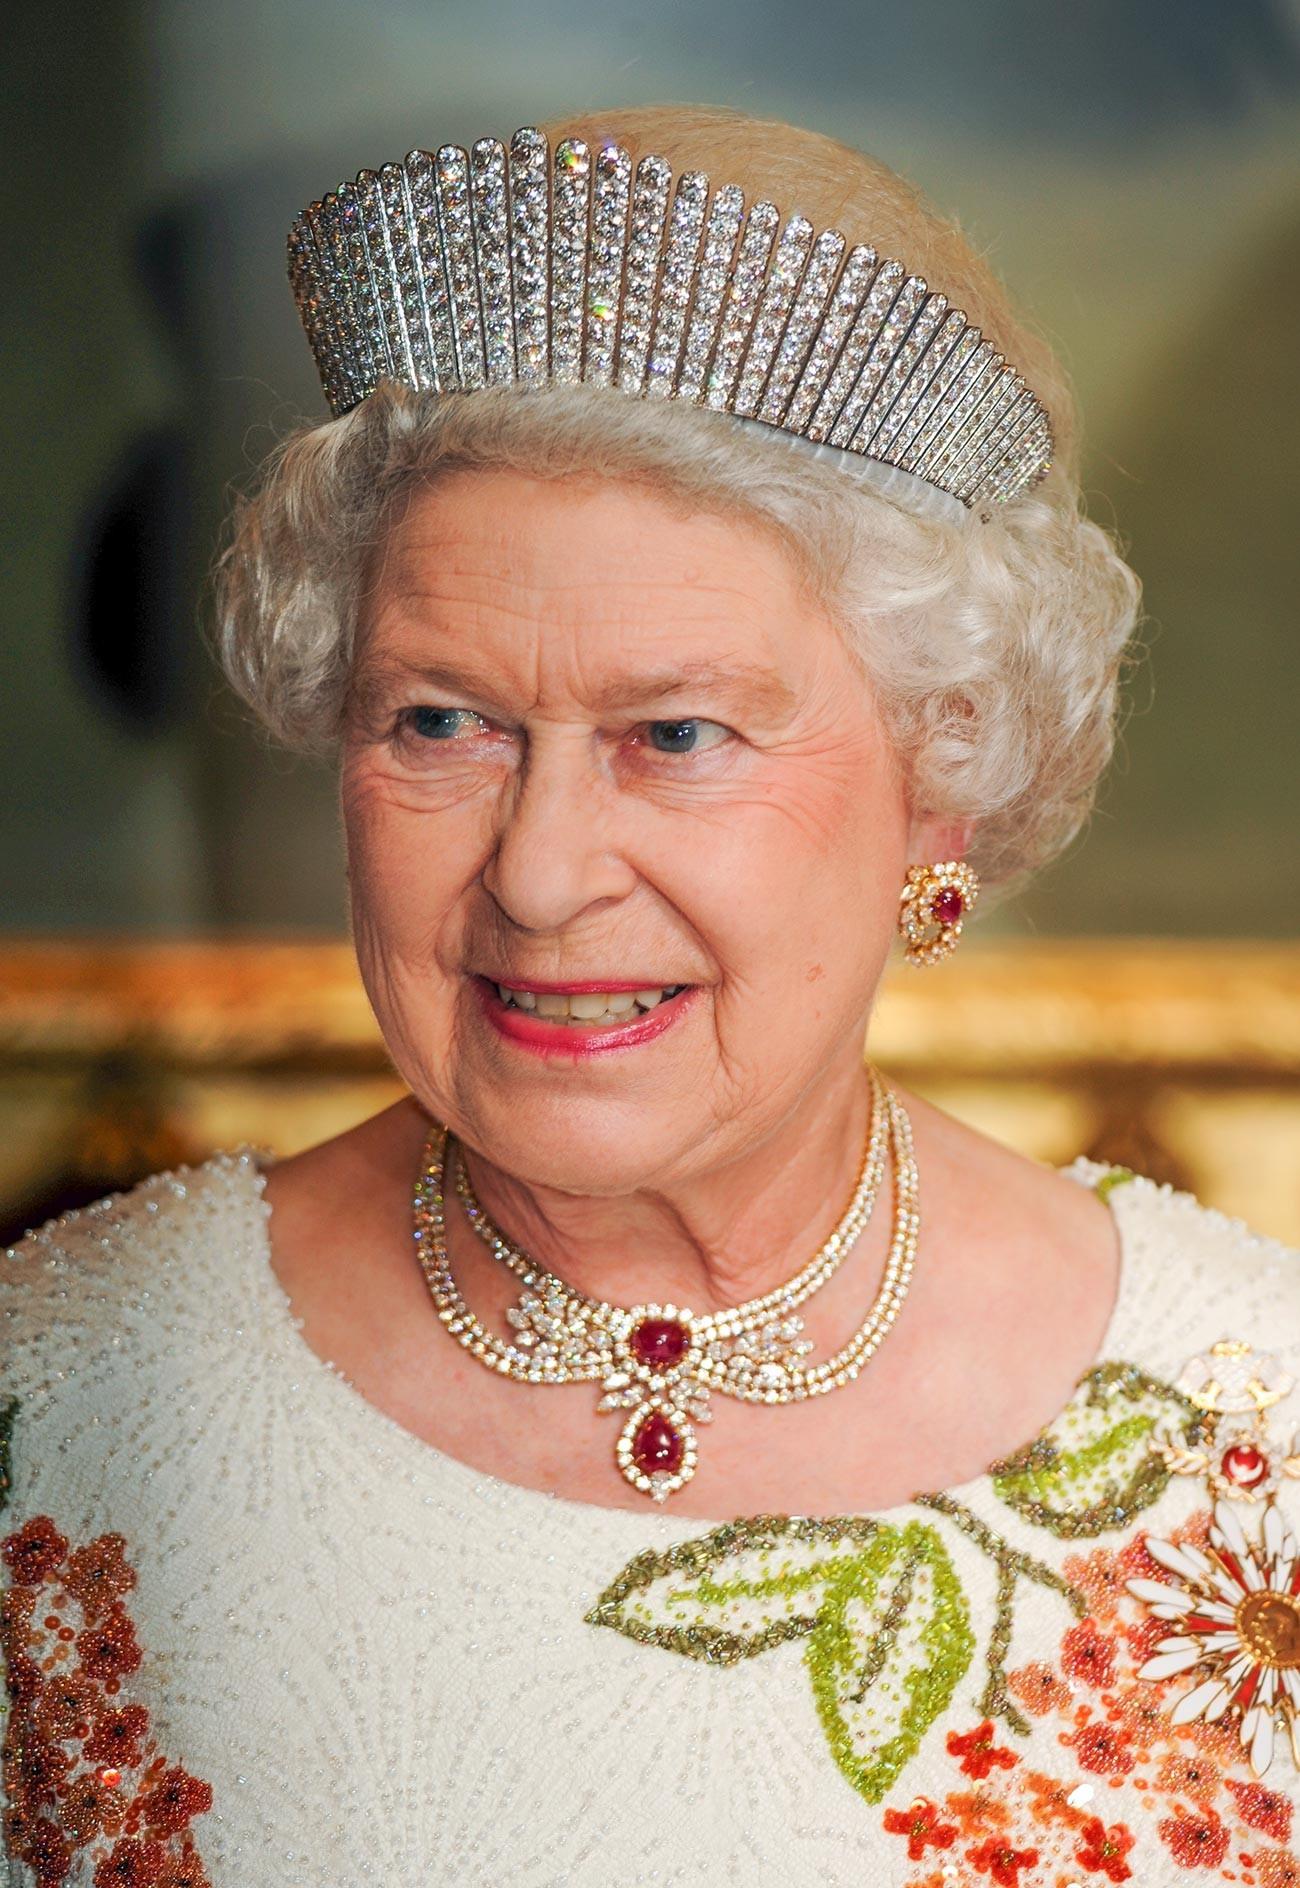 Rainha Elizabeth 2ª participa de banquete em Ancara no primeiro dia de uma visita oficial à Turquia, em 13 de maio de 2008